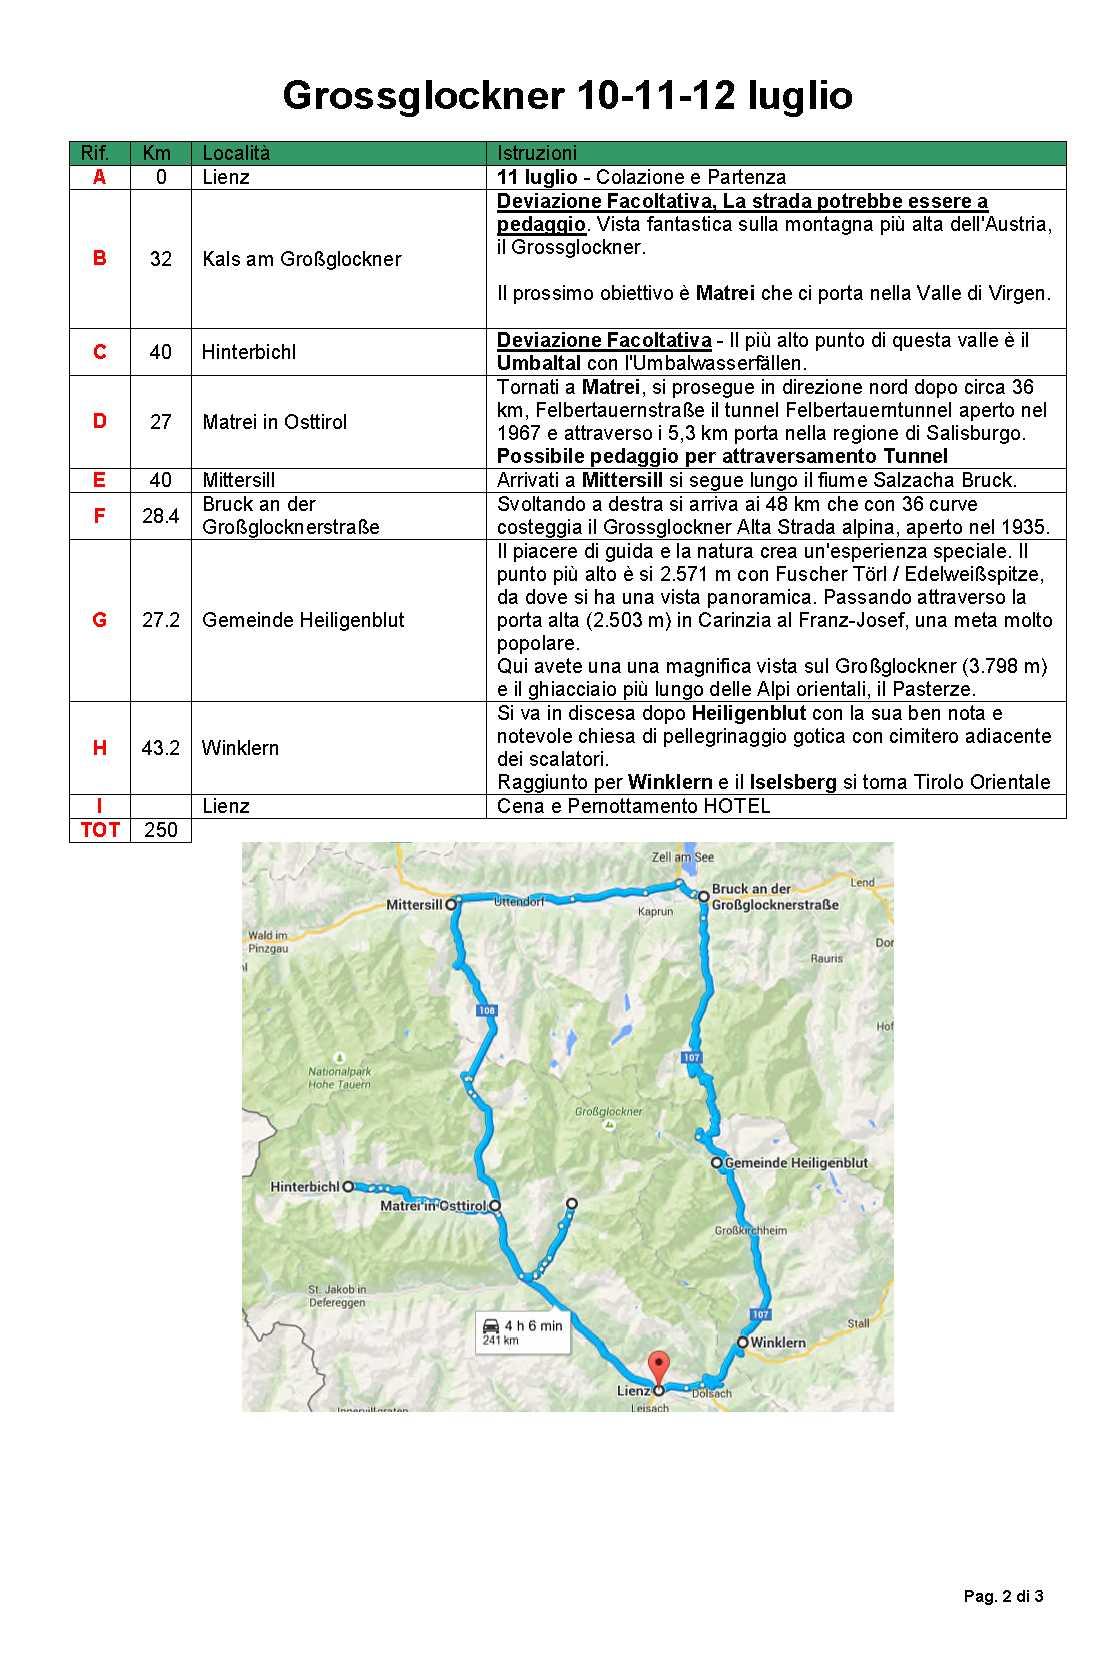 Programma Grossglockner 10-11-12 lug_2